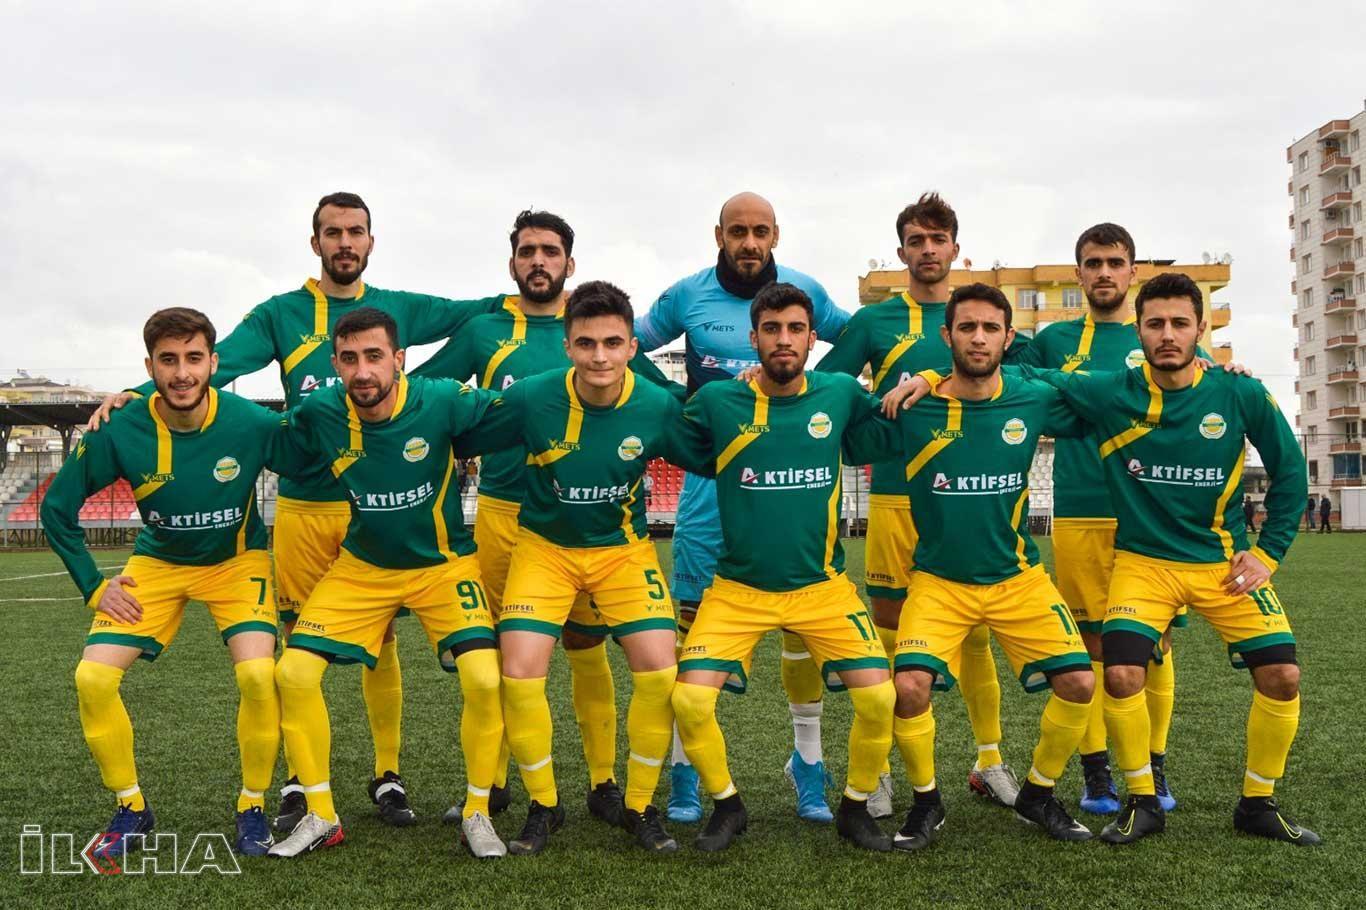 Diyarbakır 639 Spor Kulübü Süper Amatörde